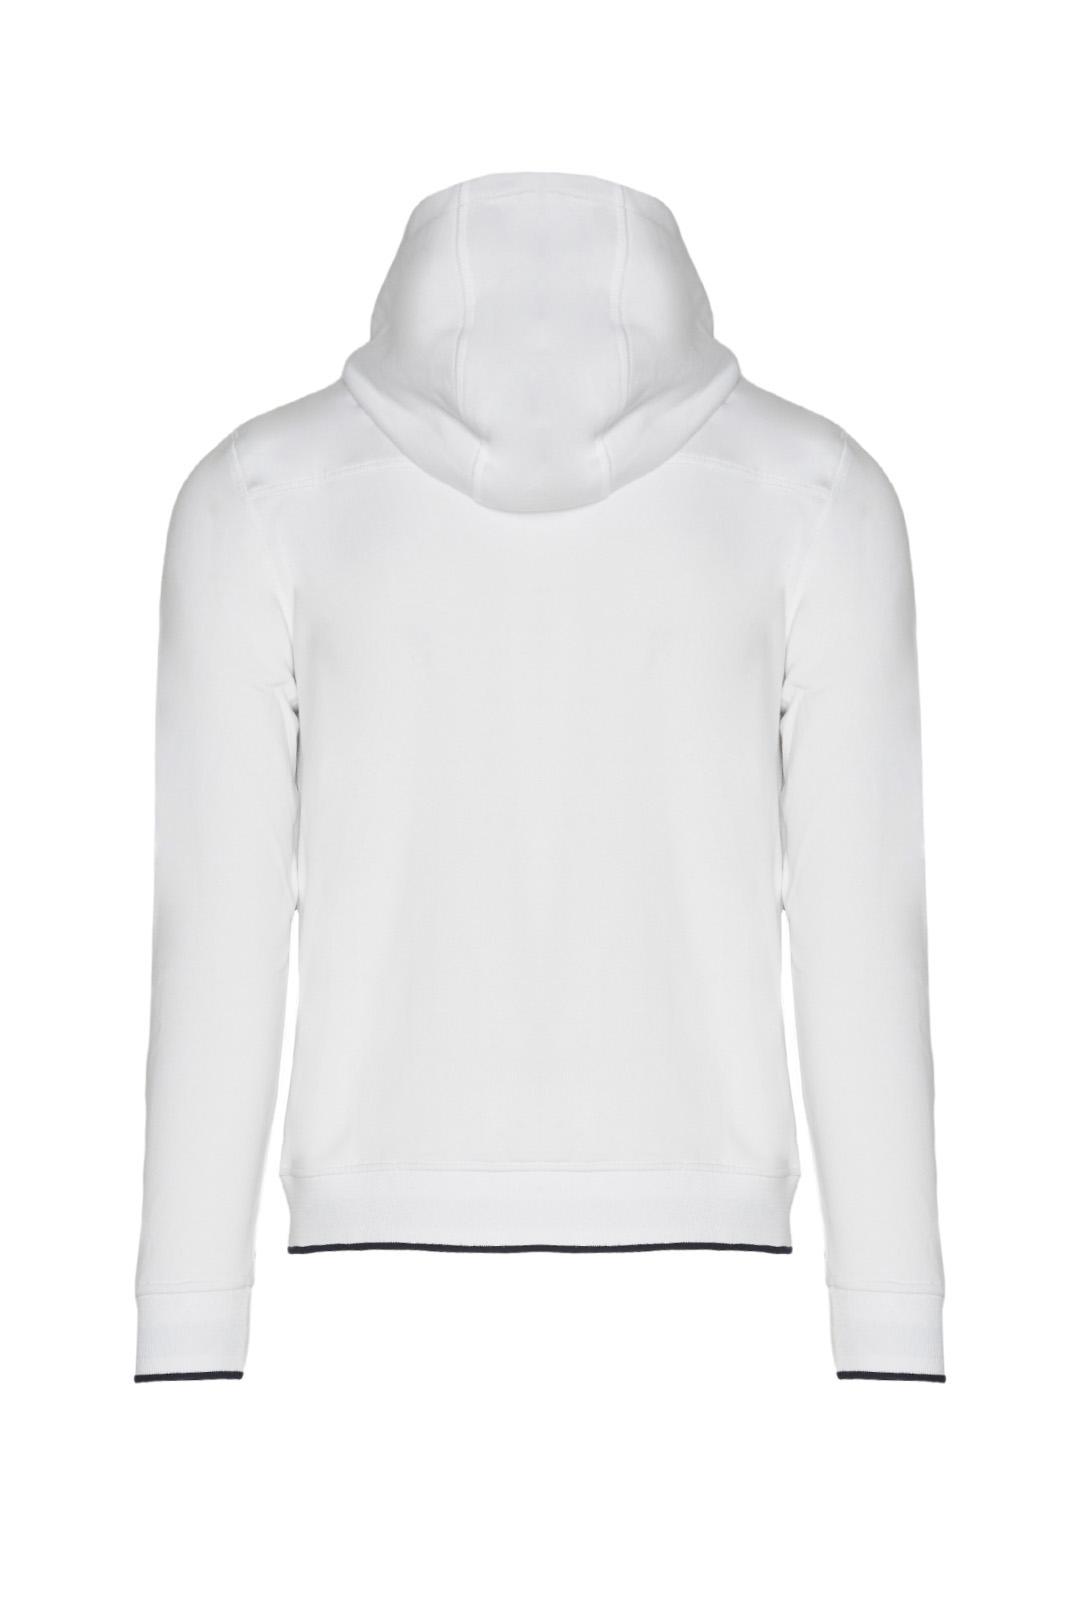 AM Sweatshirt mit Kapuze aus Baumwolle   2